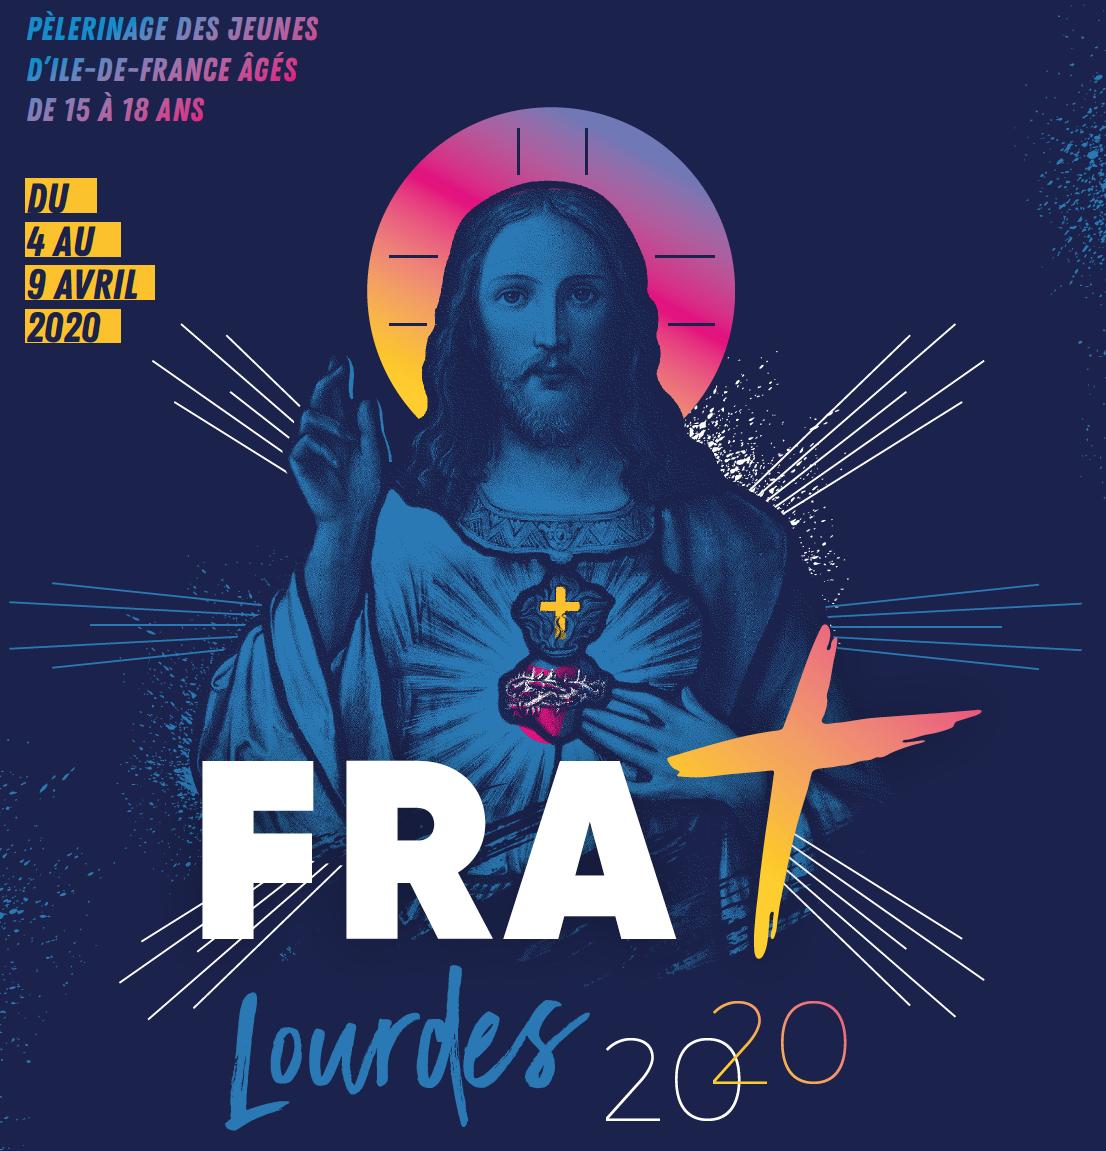 Frat Lourdes 2020